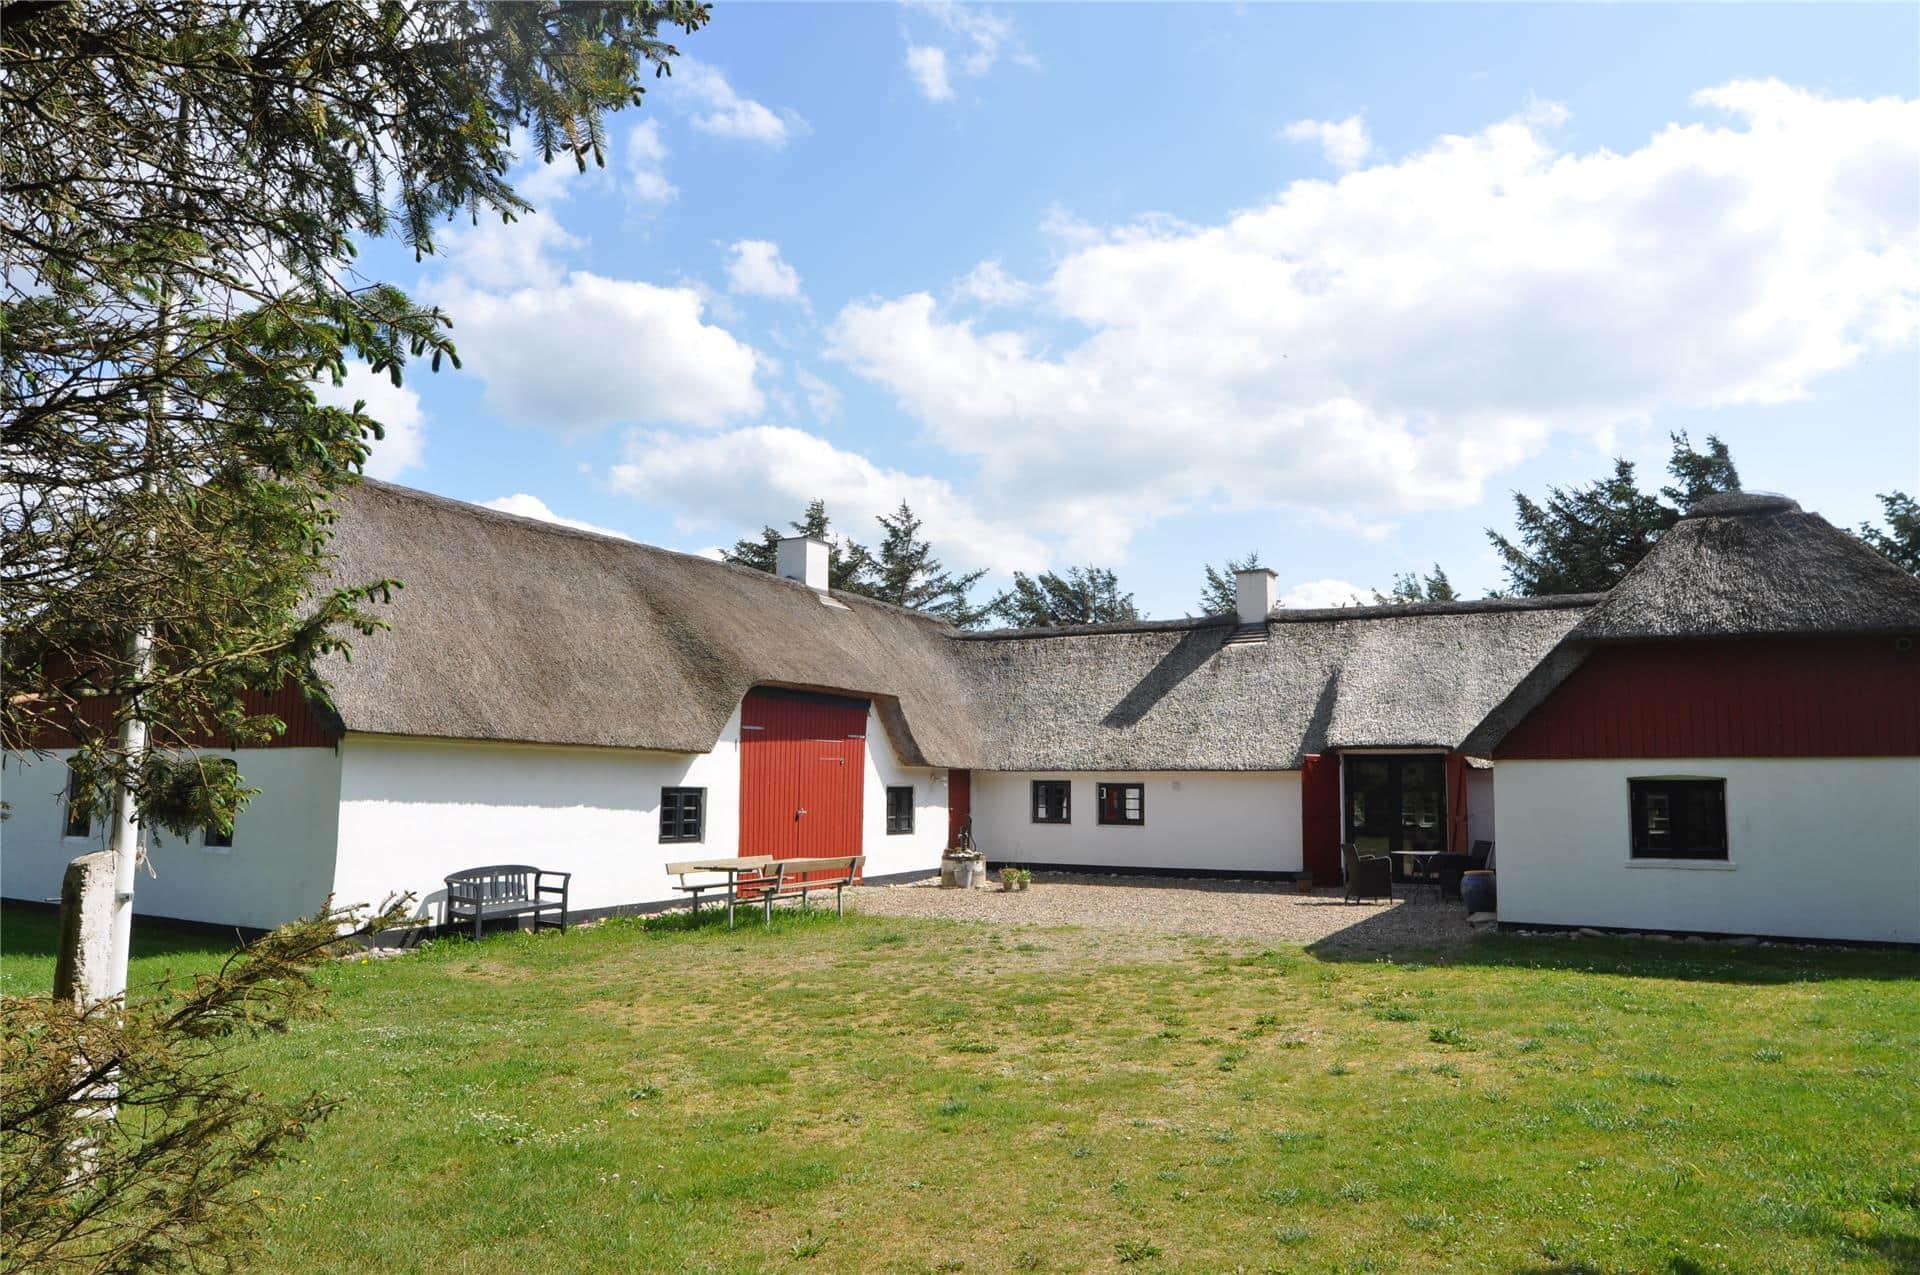 Billede 1-175 Sommerhus 20221, Vedersø Klitvej 12, DK - 6990 Ulfborg